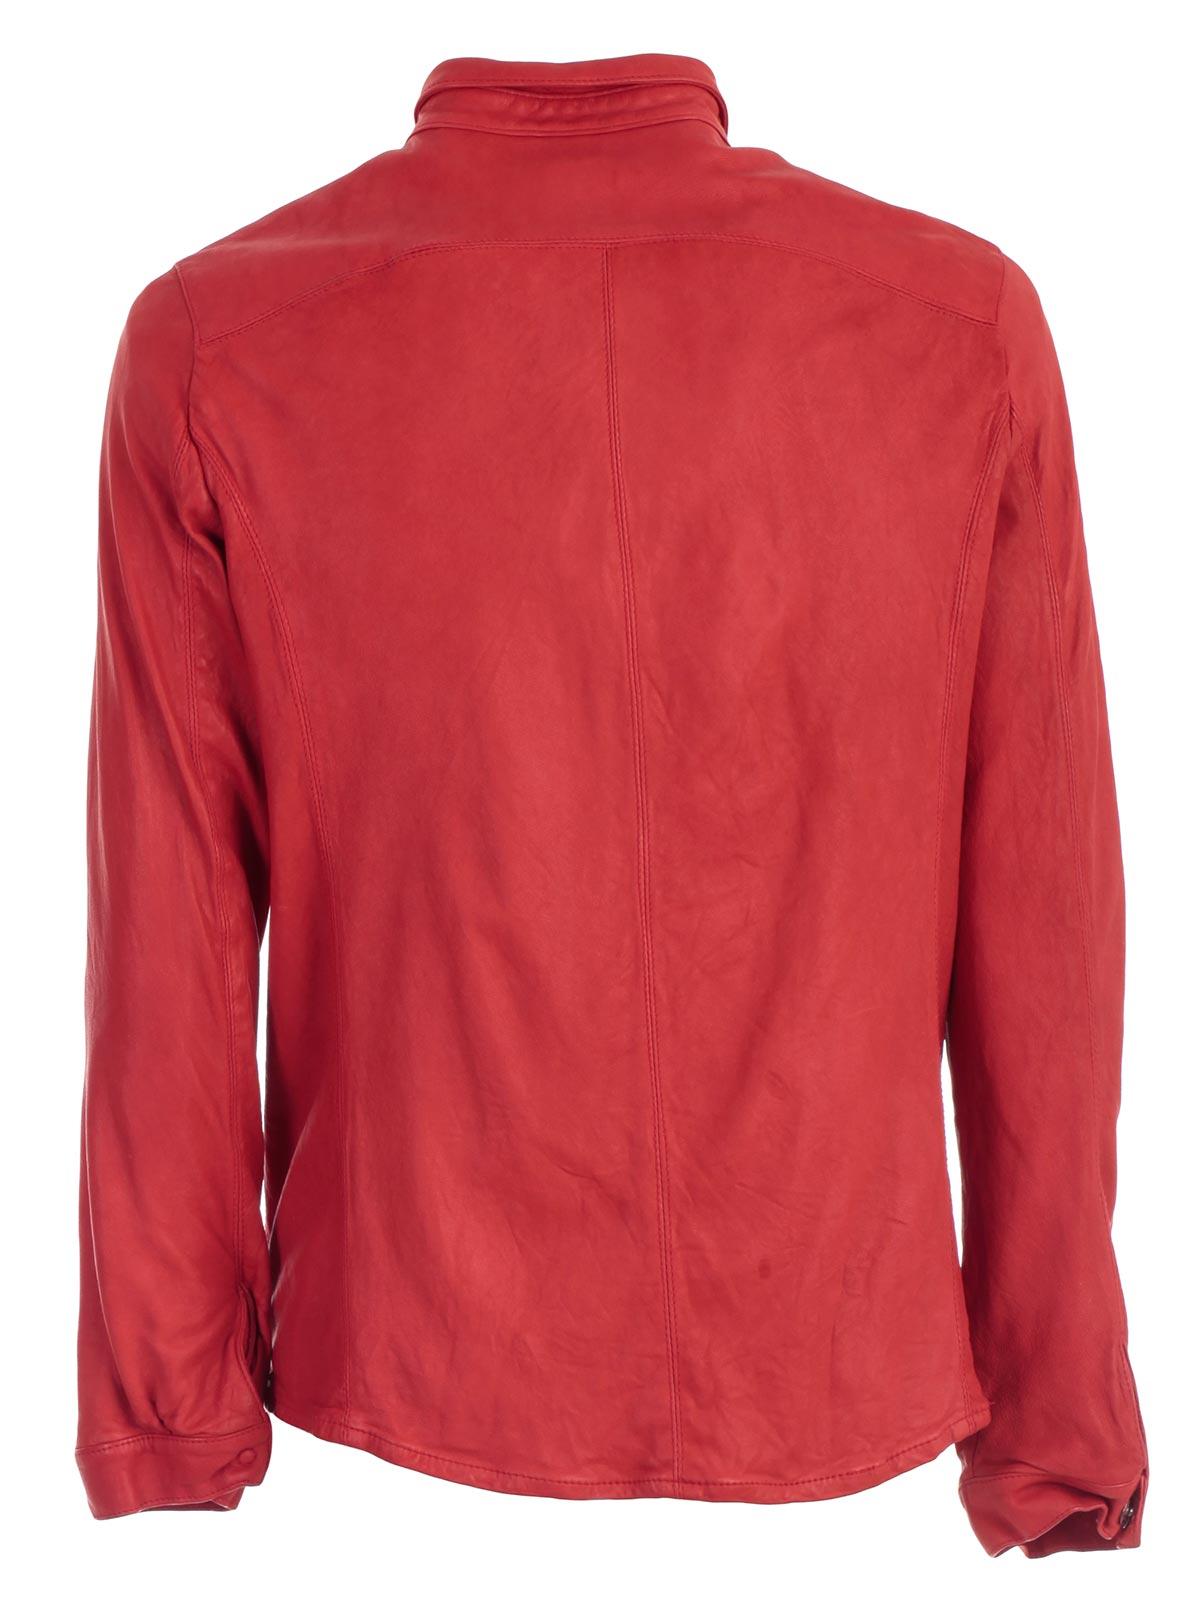 Picture of Giorgio Brato Shirt